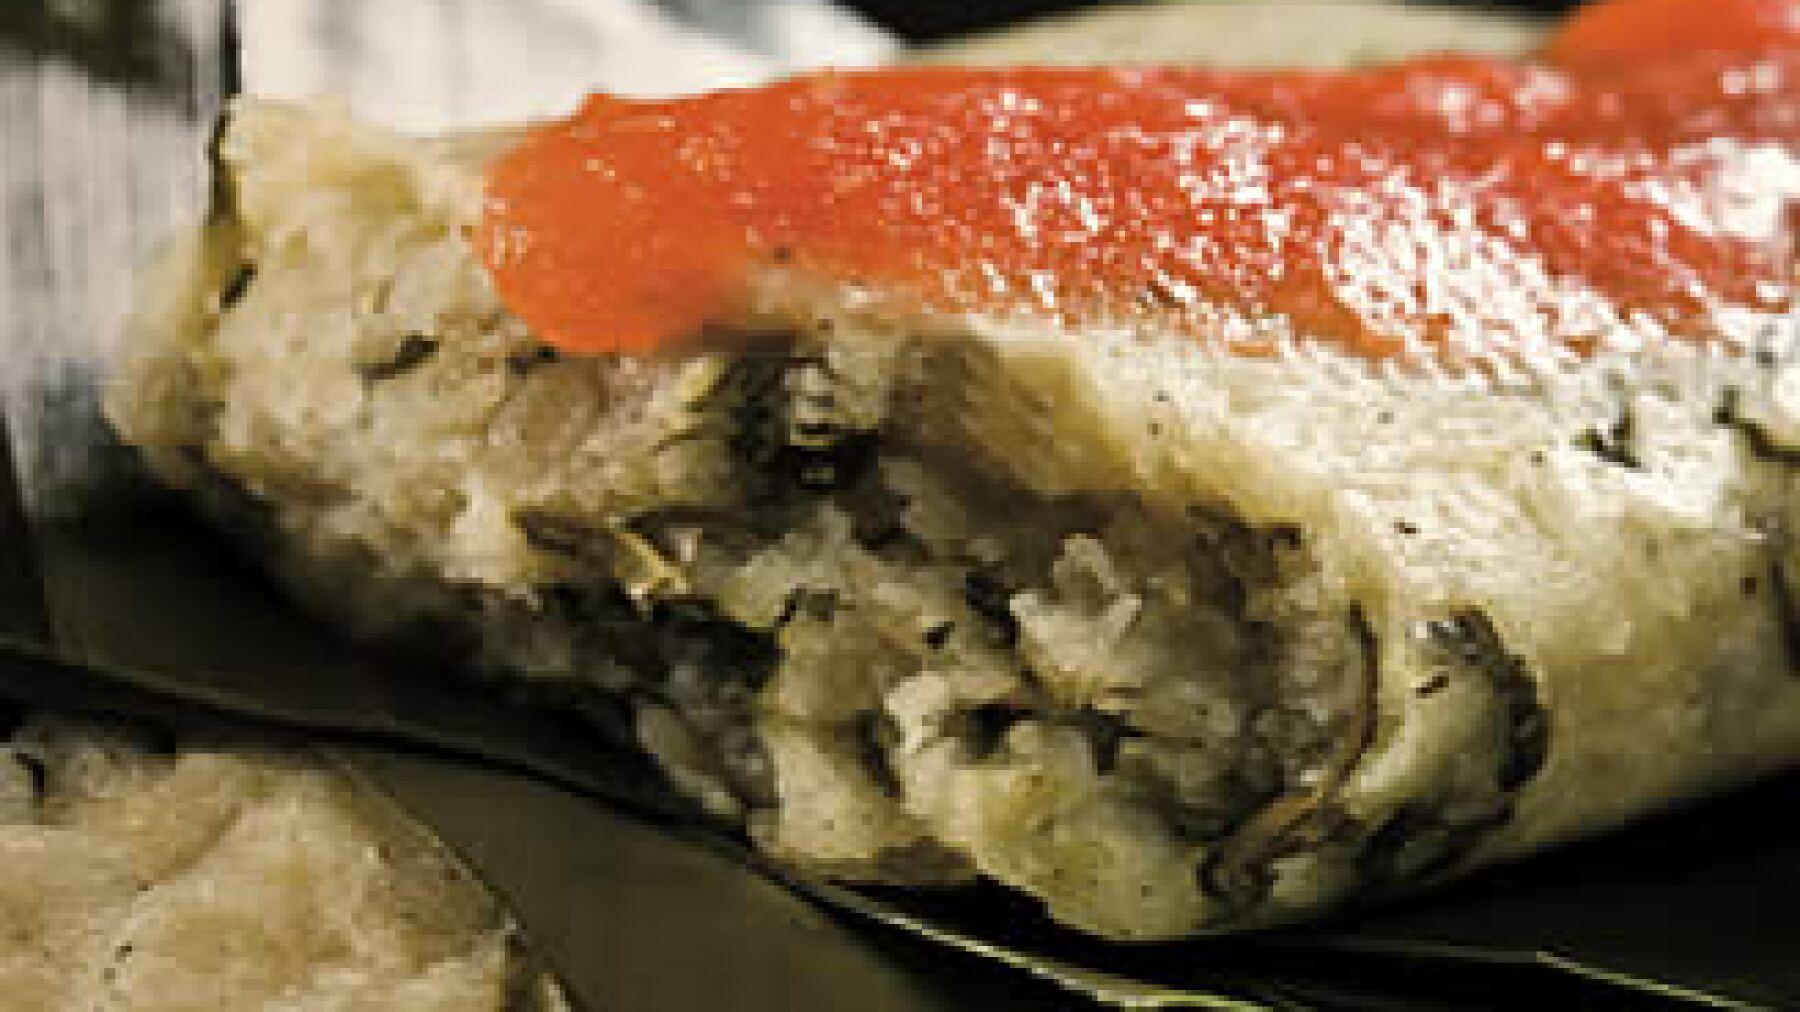 Fue la manteca de cerdo el ingrediente que volvió los tamales esponjaditos y dignos de tentación. (Foto: Marc Fauche)